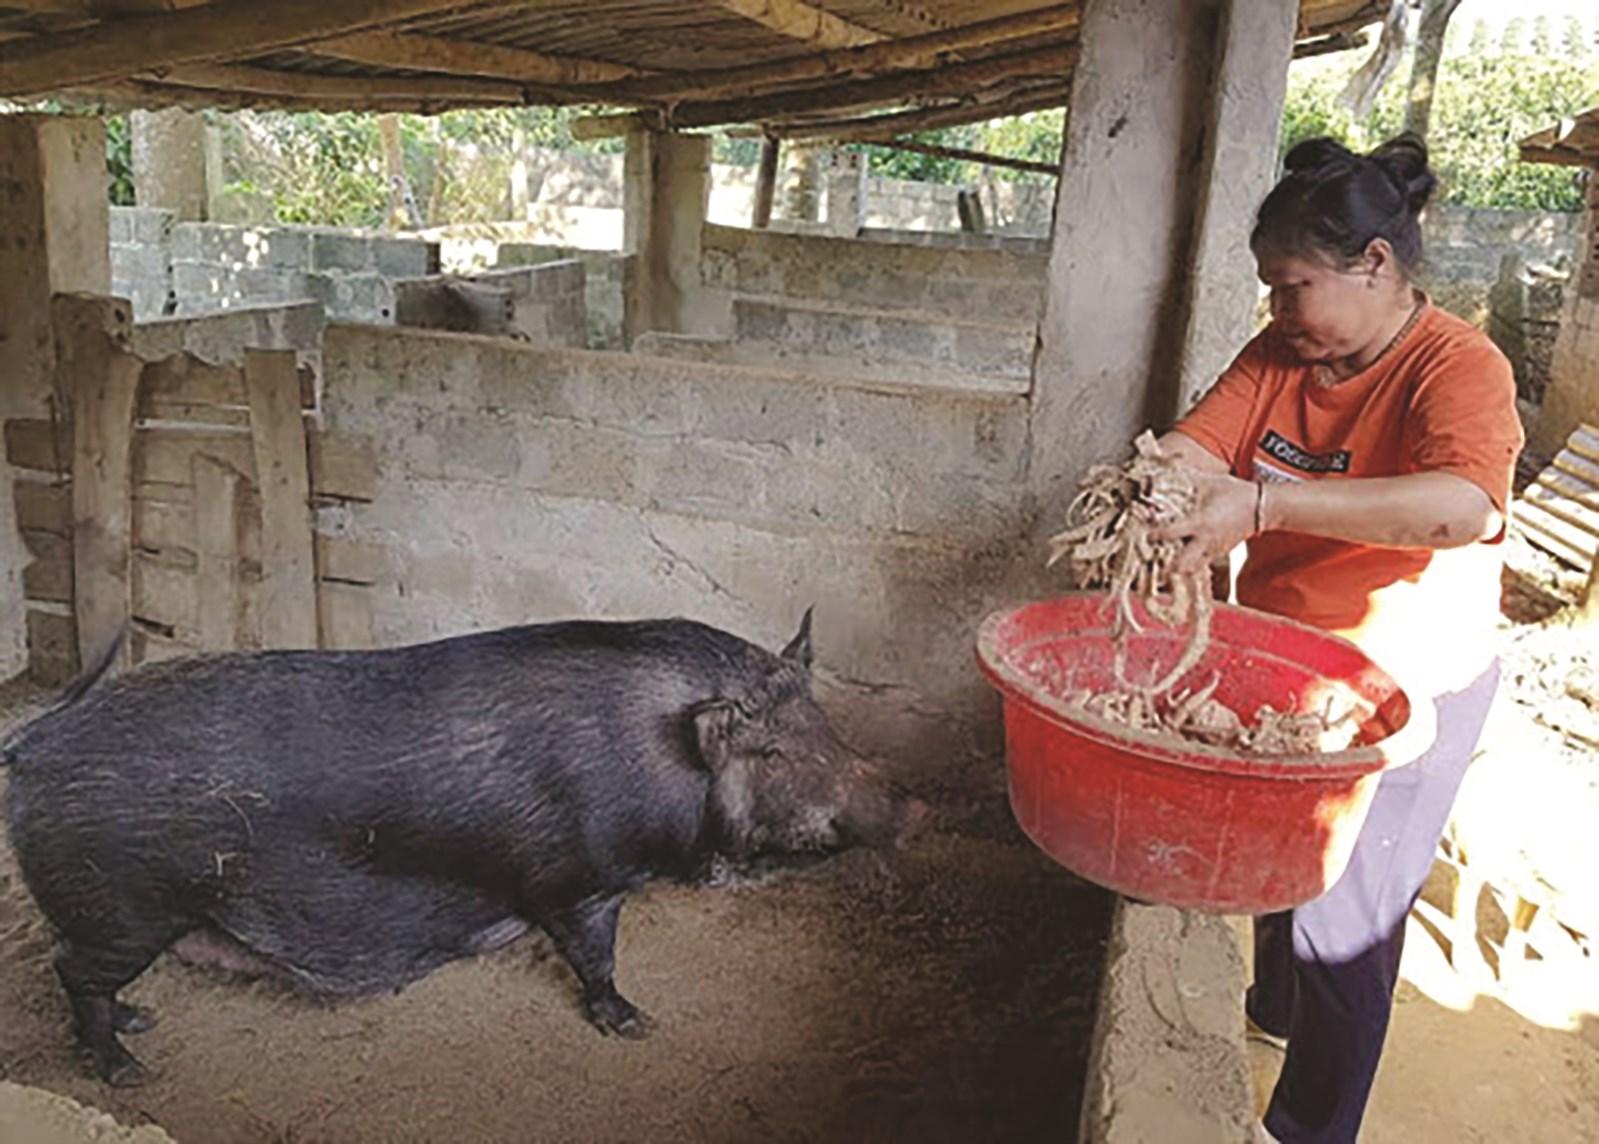 Lợn nuôi bằng thảo dược của các hộ ở Lỗ Sơn luôn được khách đặt hàng trước